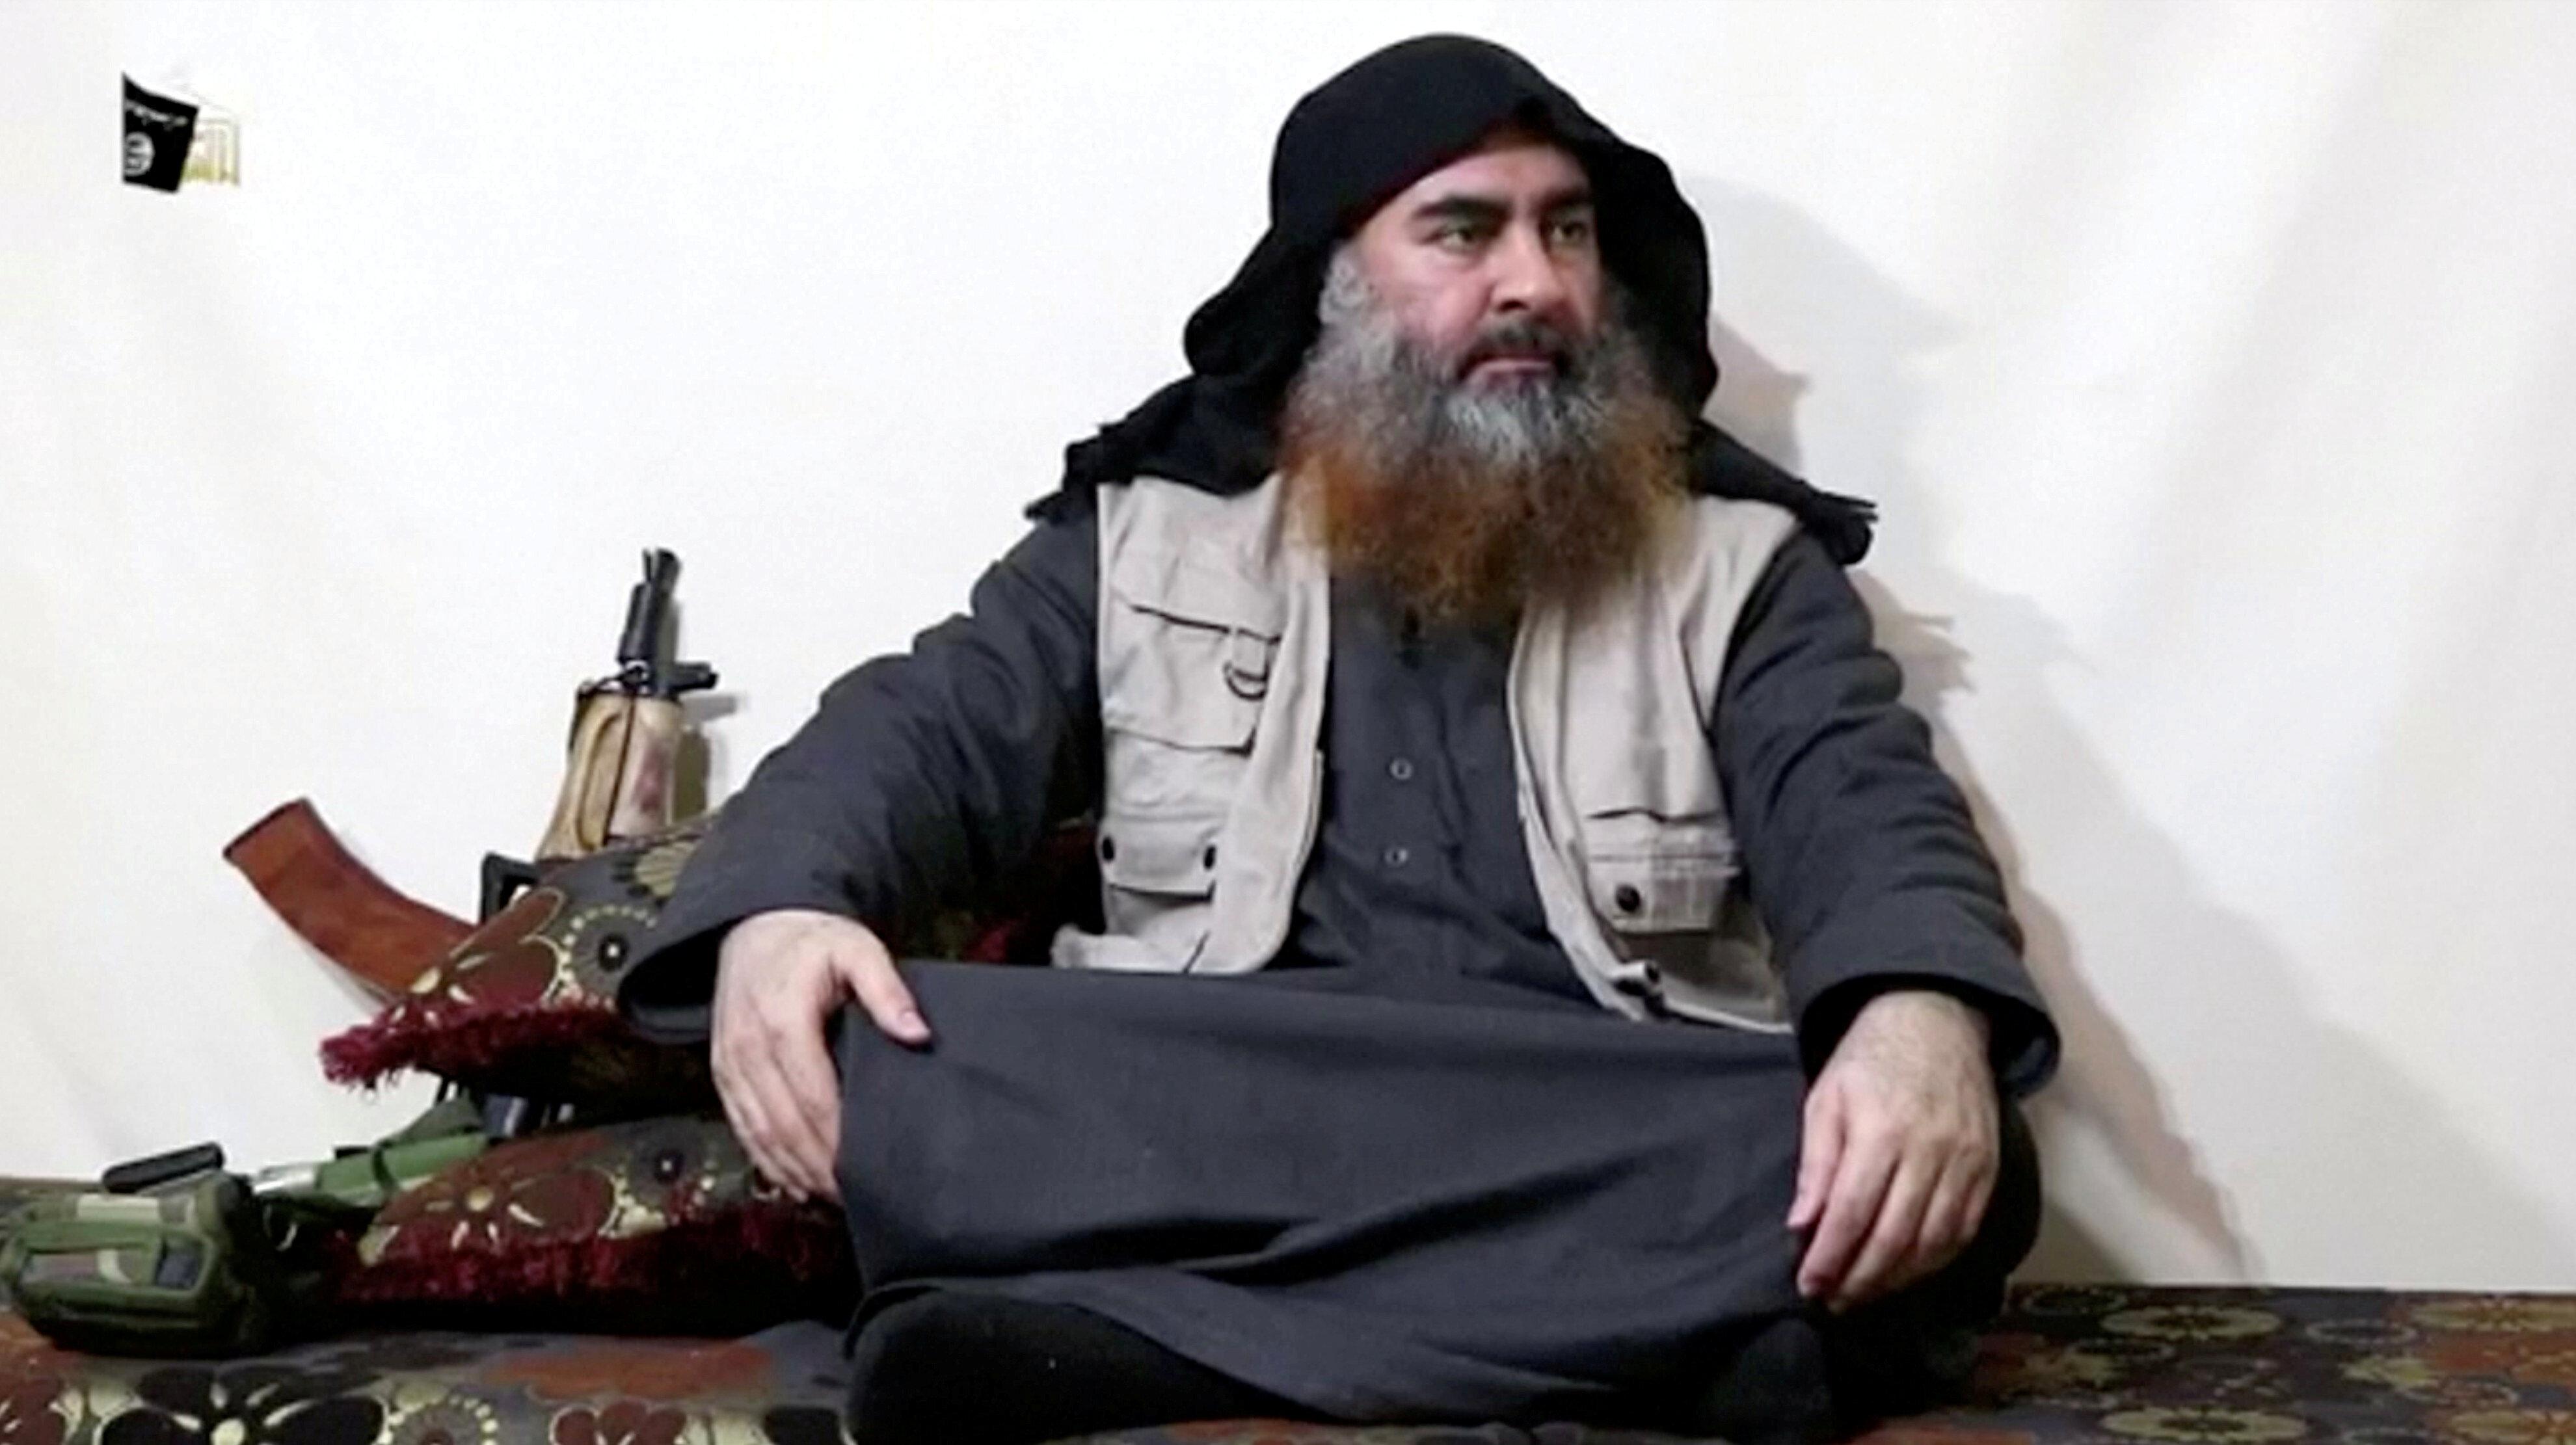 Abu Bakr al Baghdadi, el líder de Estado Islámico, reaparece en un video tras cinco años de